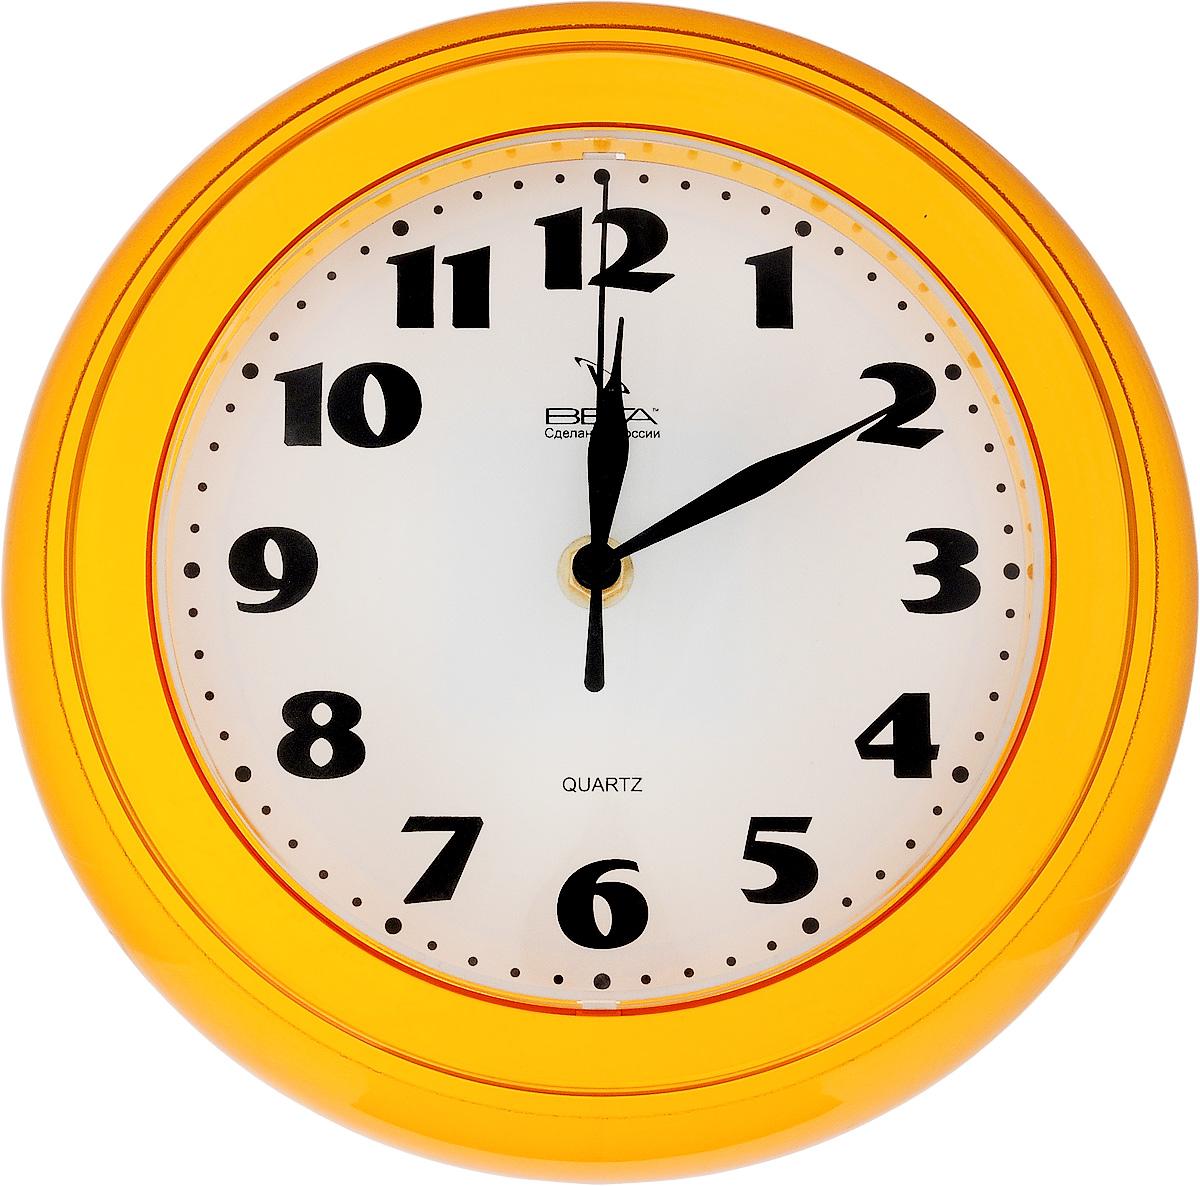 Часы настенные Вега Классика, цвет: желтый, диаметр 22 смП6-17-45Настенные кварцевые часы Вега Классика, изготовленные из пластика, прекрасно впишутся в интерьер вашего дома. Круглые часы имеют три стрелки: часовую,минутную и секундную, циферблат защищен прозрачным стеклом.Часы работают от 1 батарейки типа АА напряжением 1,5 В (не входит в комплект).Диаметр часов: 22 см.